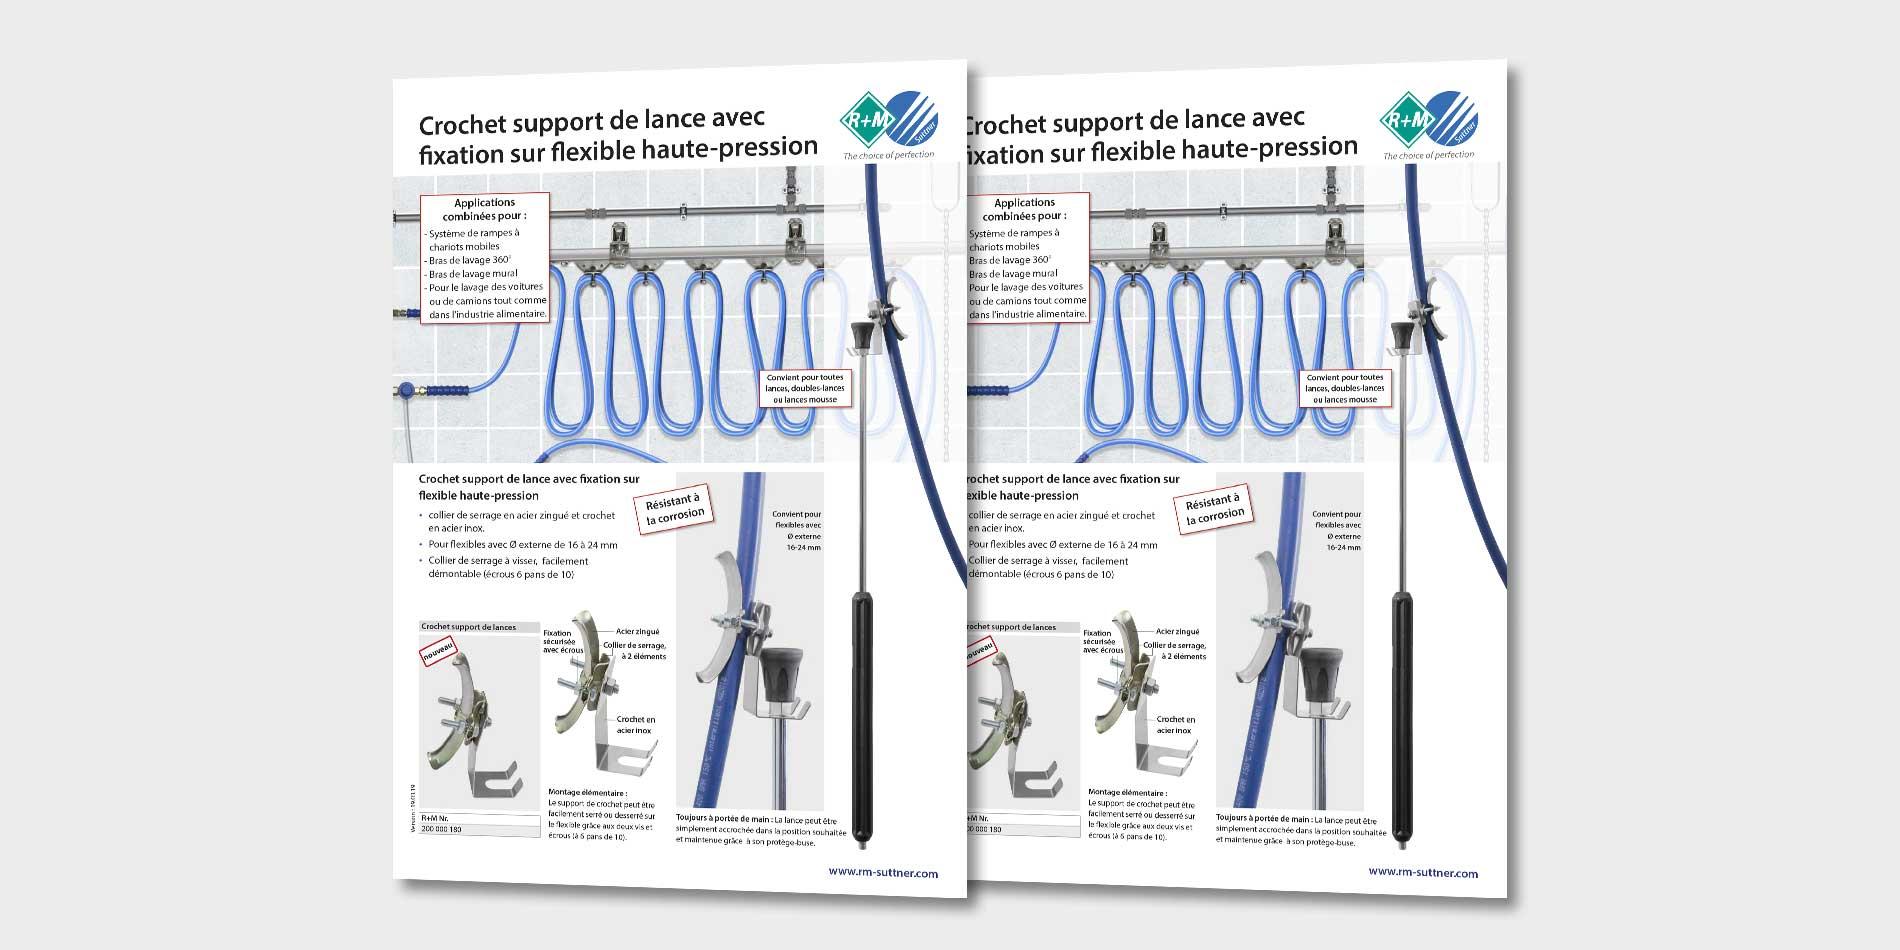 Crochet support de lance avec fixation sur flexible haute-pression